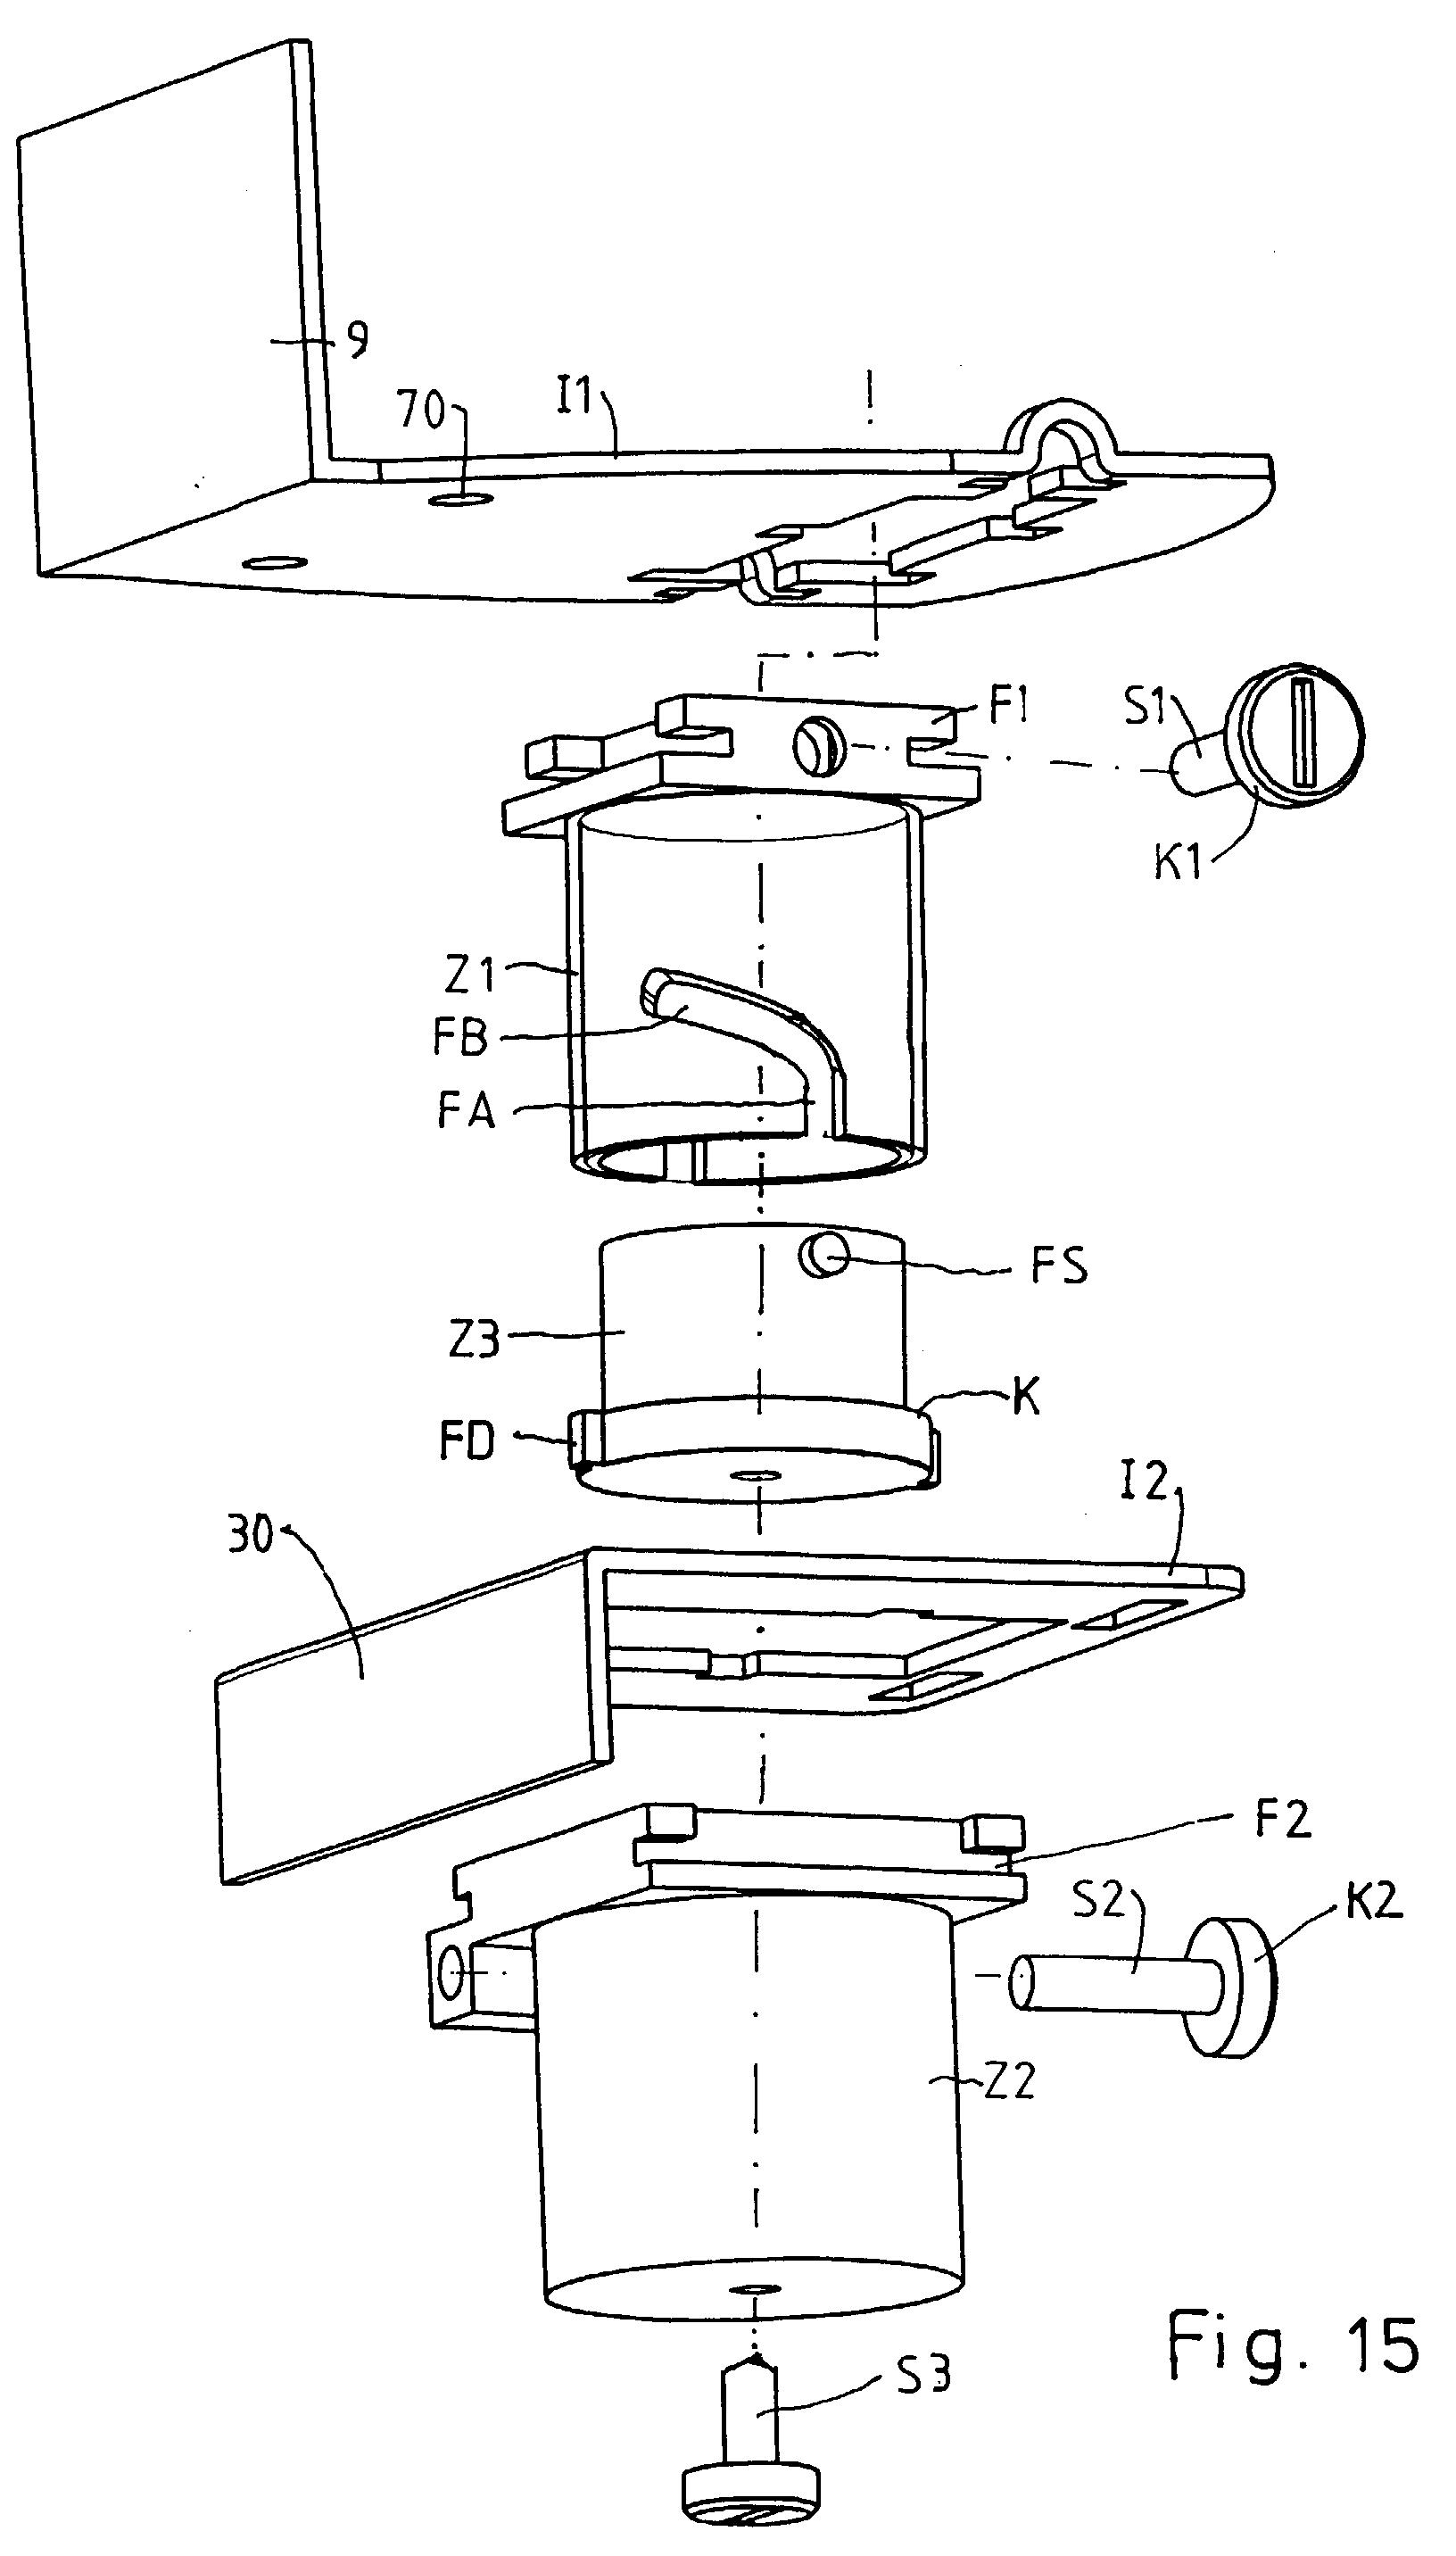 patent ep1050245a2 eckschrank mit einem beschlag f r ein fachbodenkarussell google patents. Black Bedroom Furniture Sets. Home Design Ideas